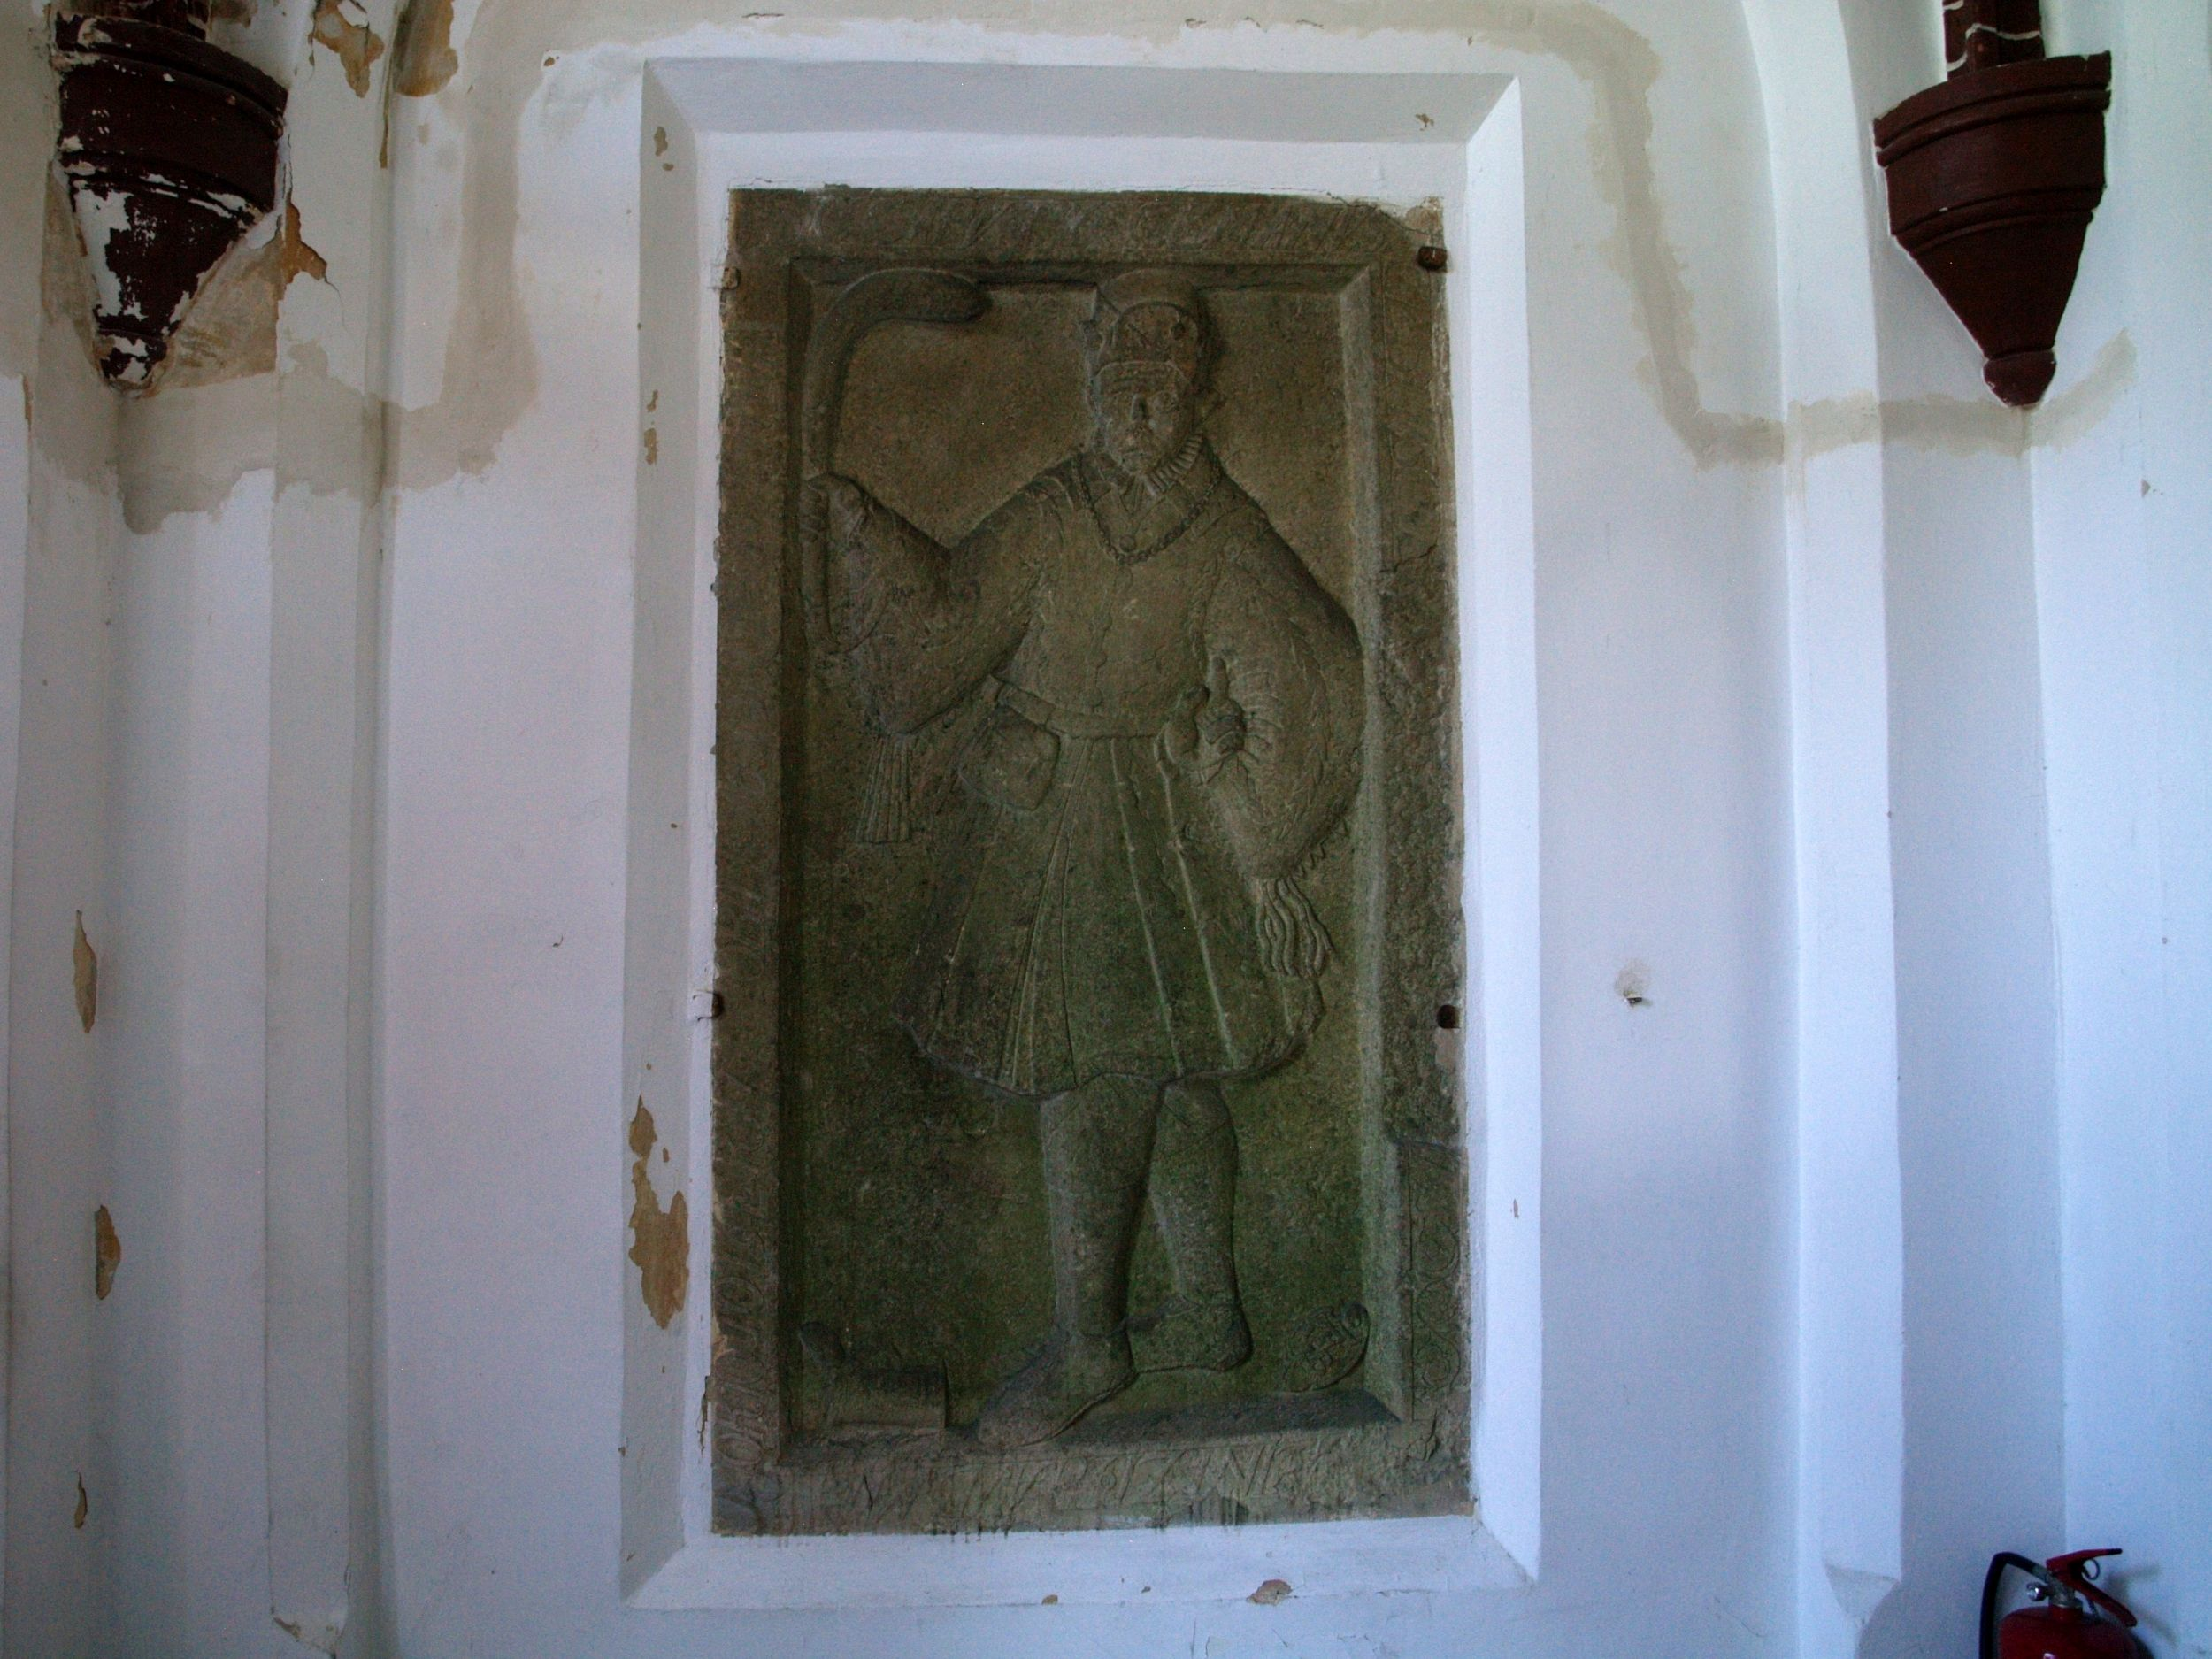 Sowno. Pierwszy protestancki ołtarz na Pomorzu